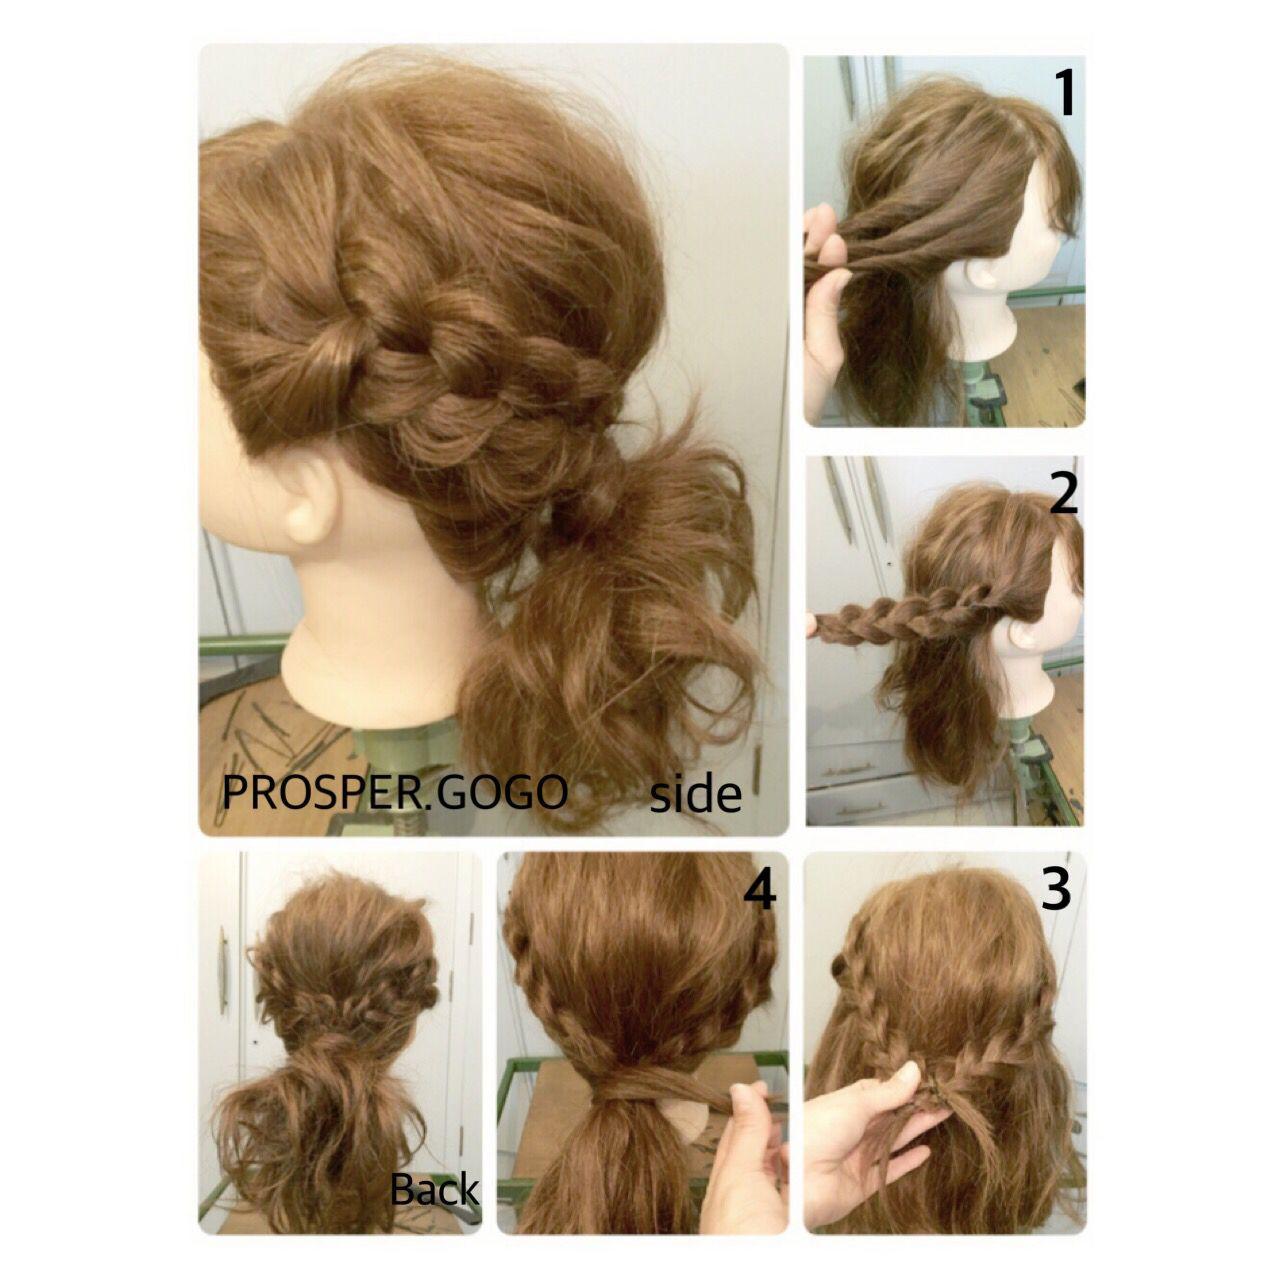 ミディアム ヘアアレンジ セルフヘアアレンジ 三つ編み ヘアスタイルや髪型の写真・画像